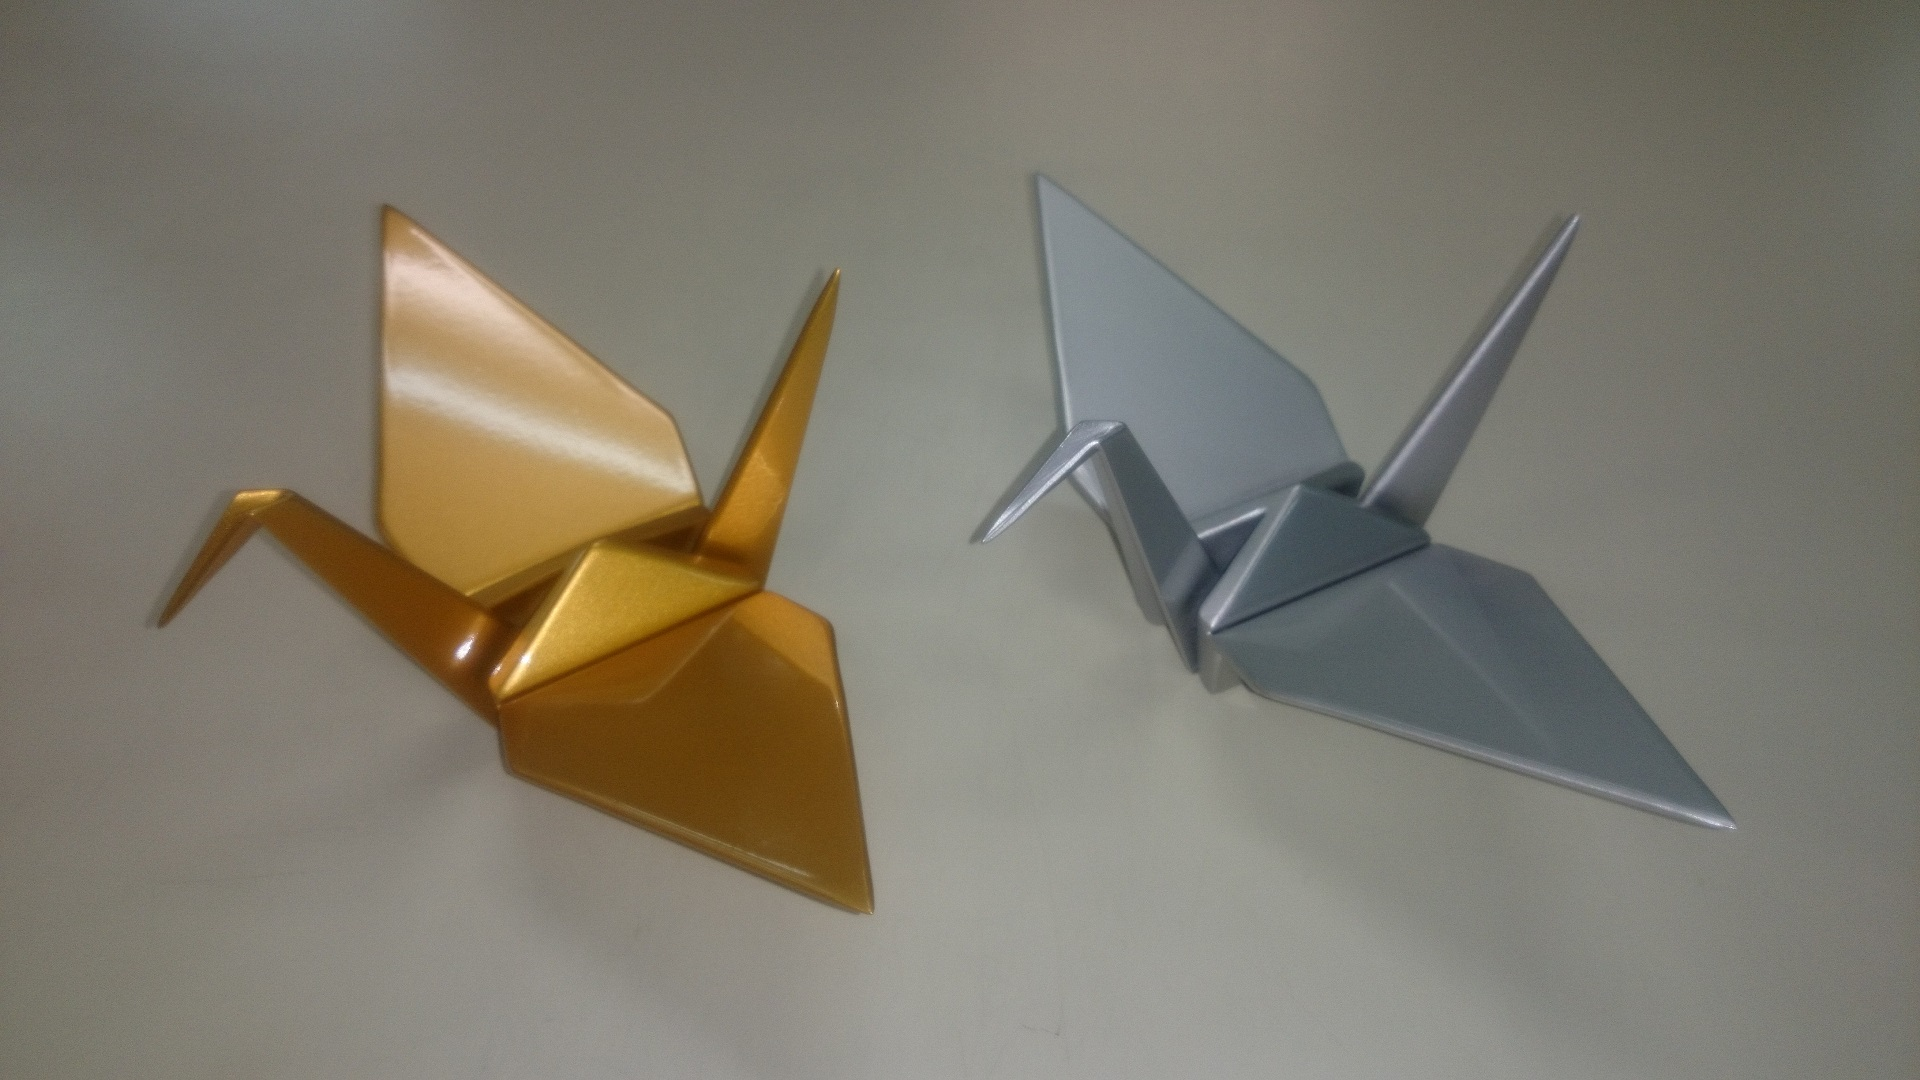 金型を使用せずに金属で折紙